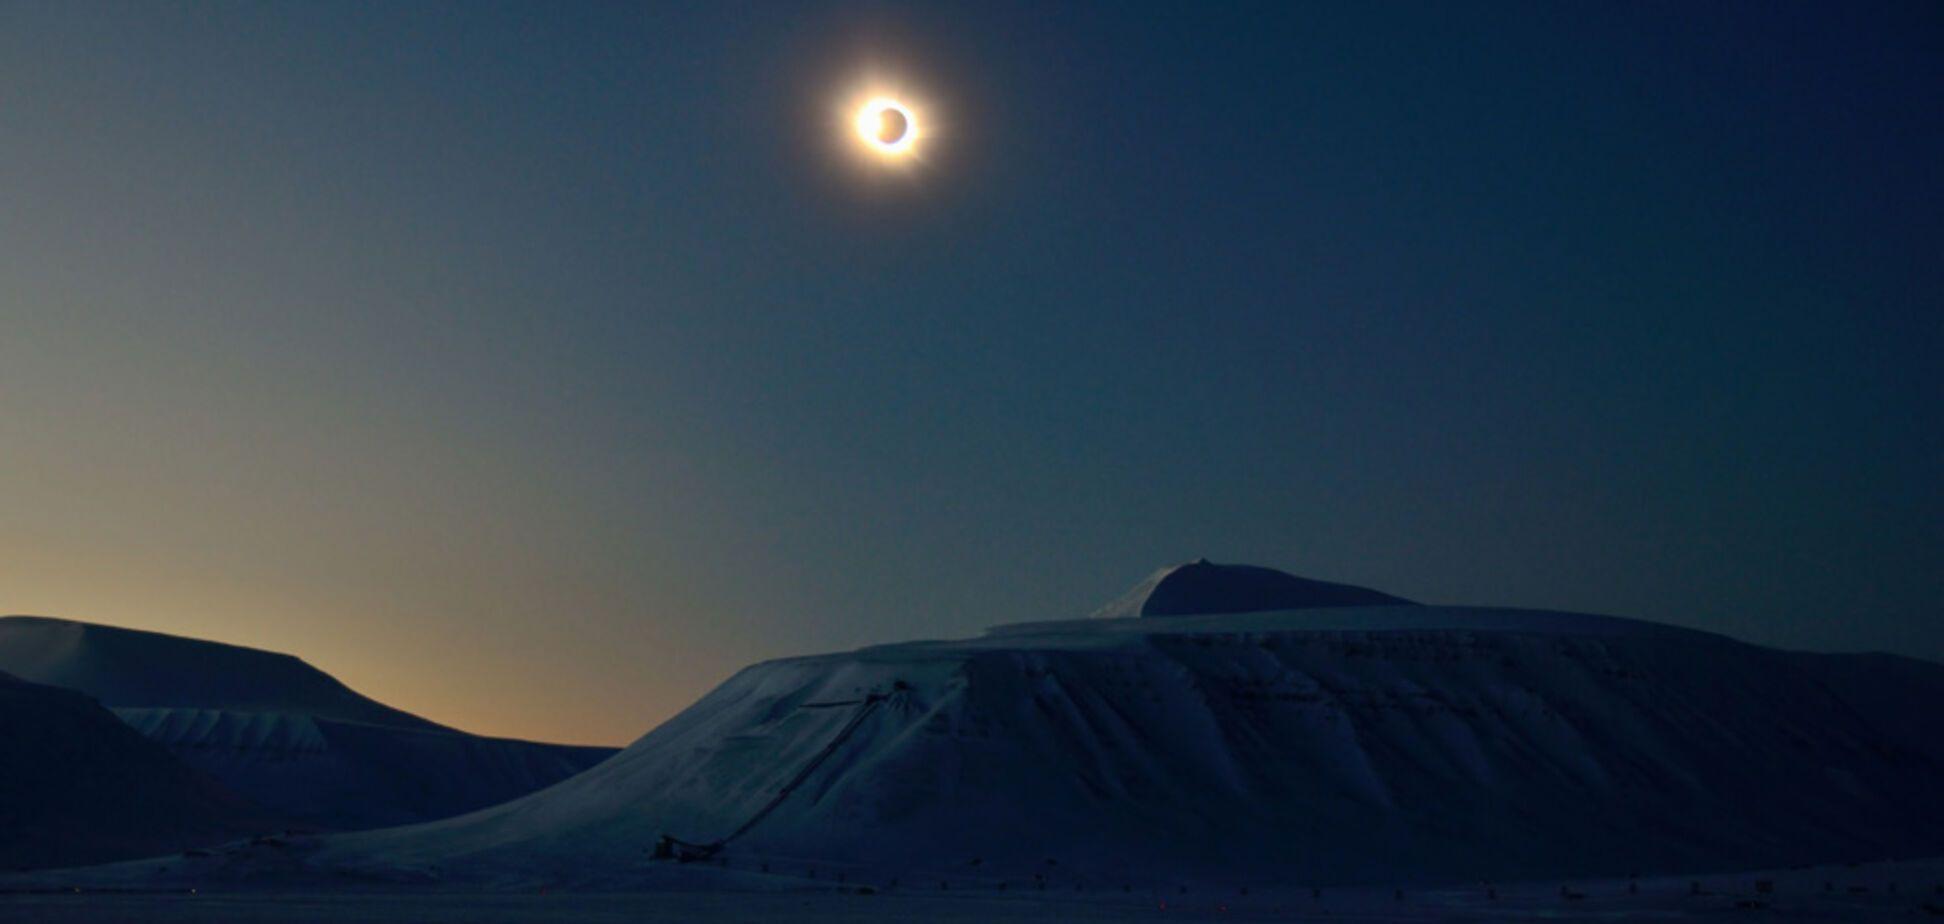 Солнечное затмение 21 августа: как оно изменит судьбу людей и мира